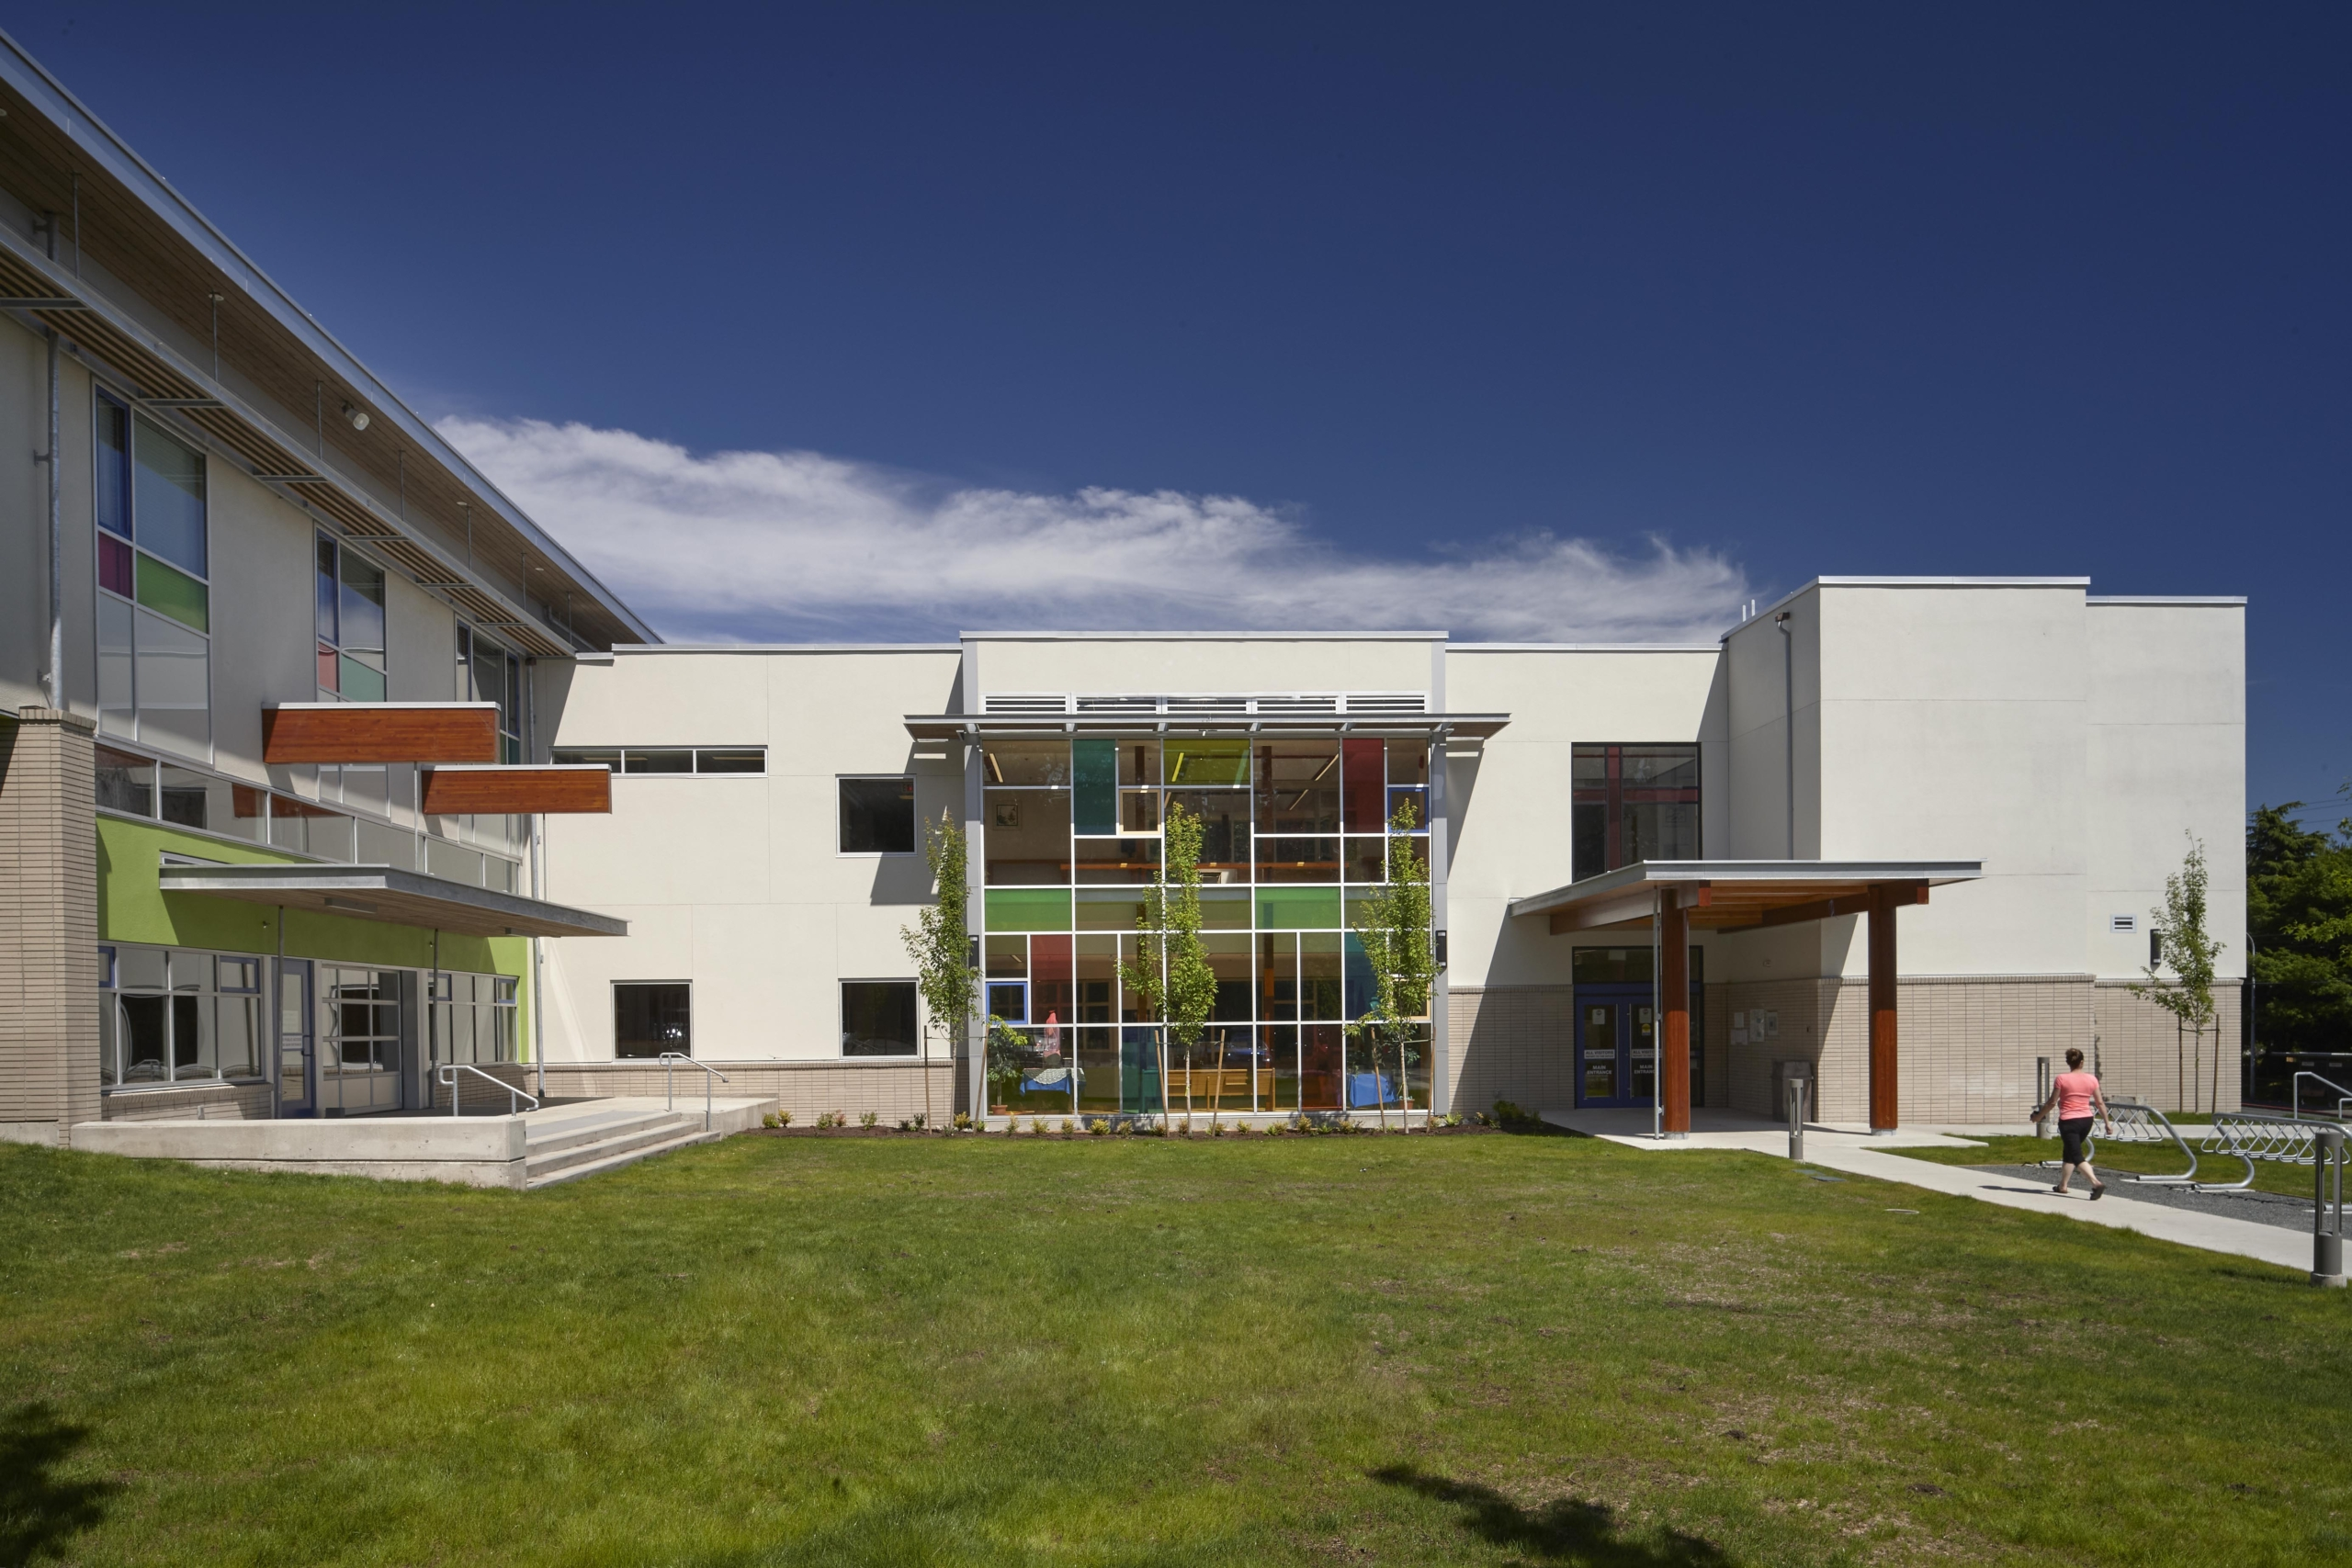 维多利亚还有这样的私立高中之圣安德鲁高中